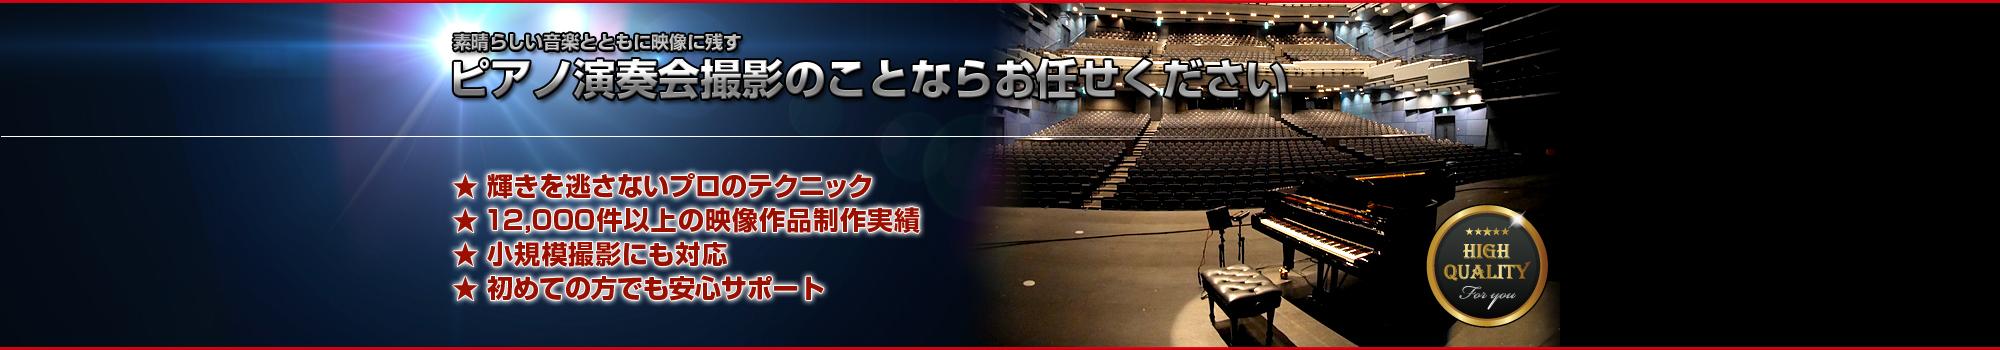 舞台・ステージ撮影、コンサート・ライブ撮影、セミナー・イベント撮影 映像撮影のことならお任せください!